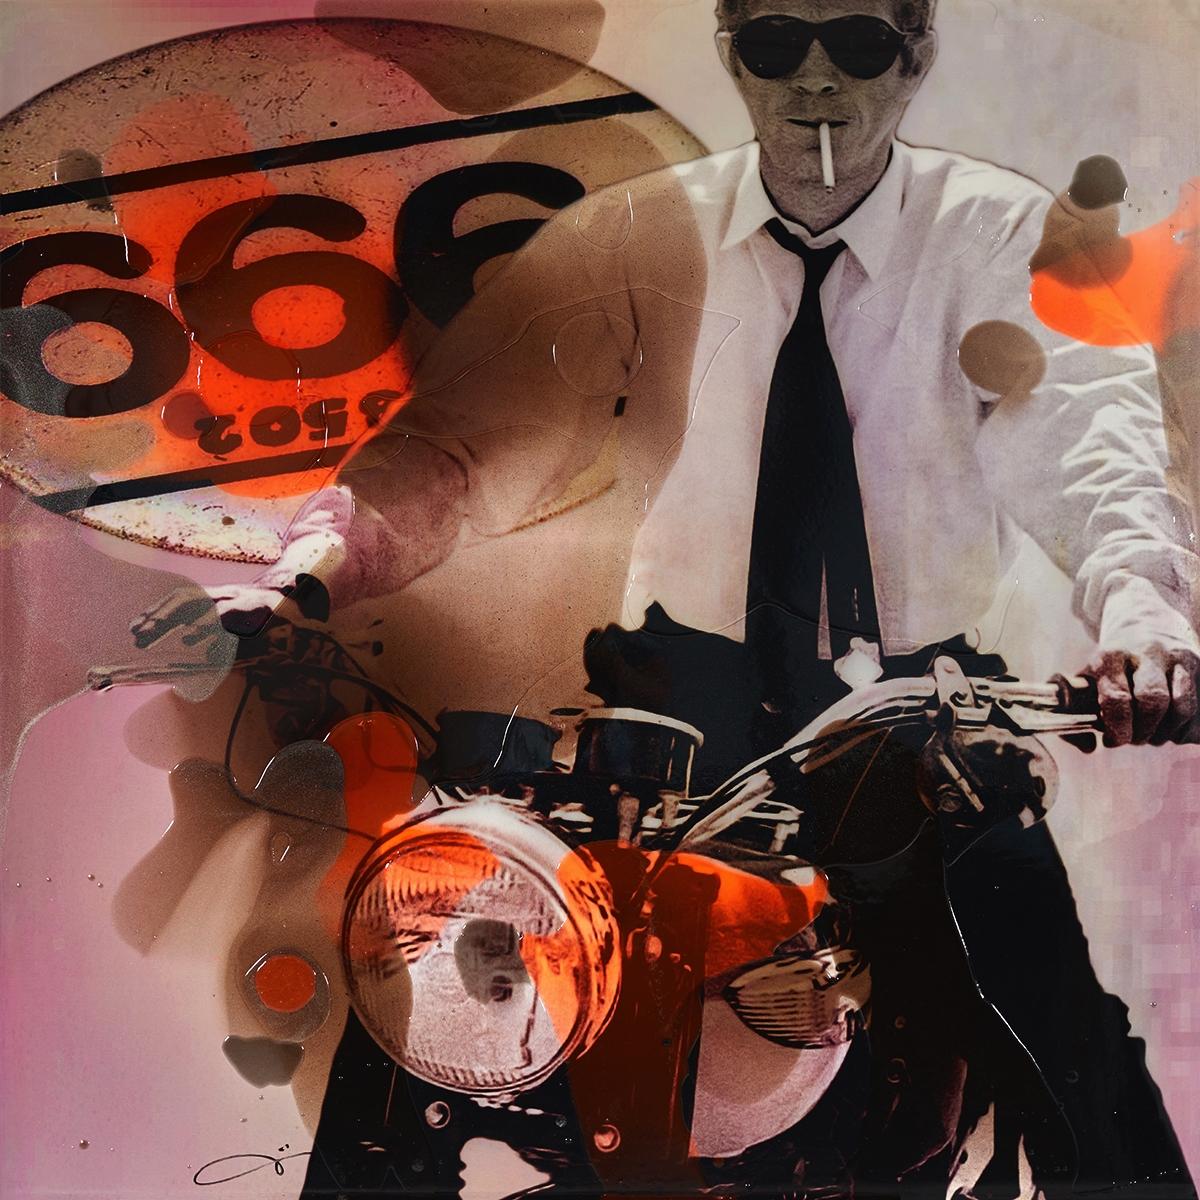 Mr. 666 - Epoxy